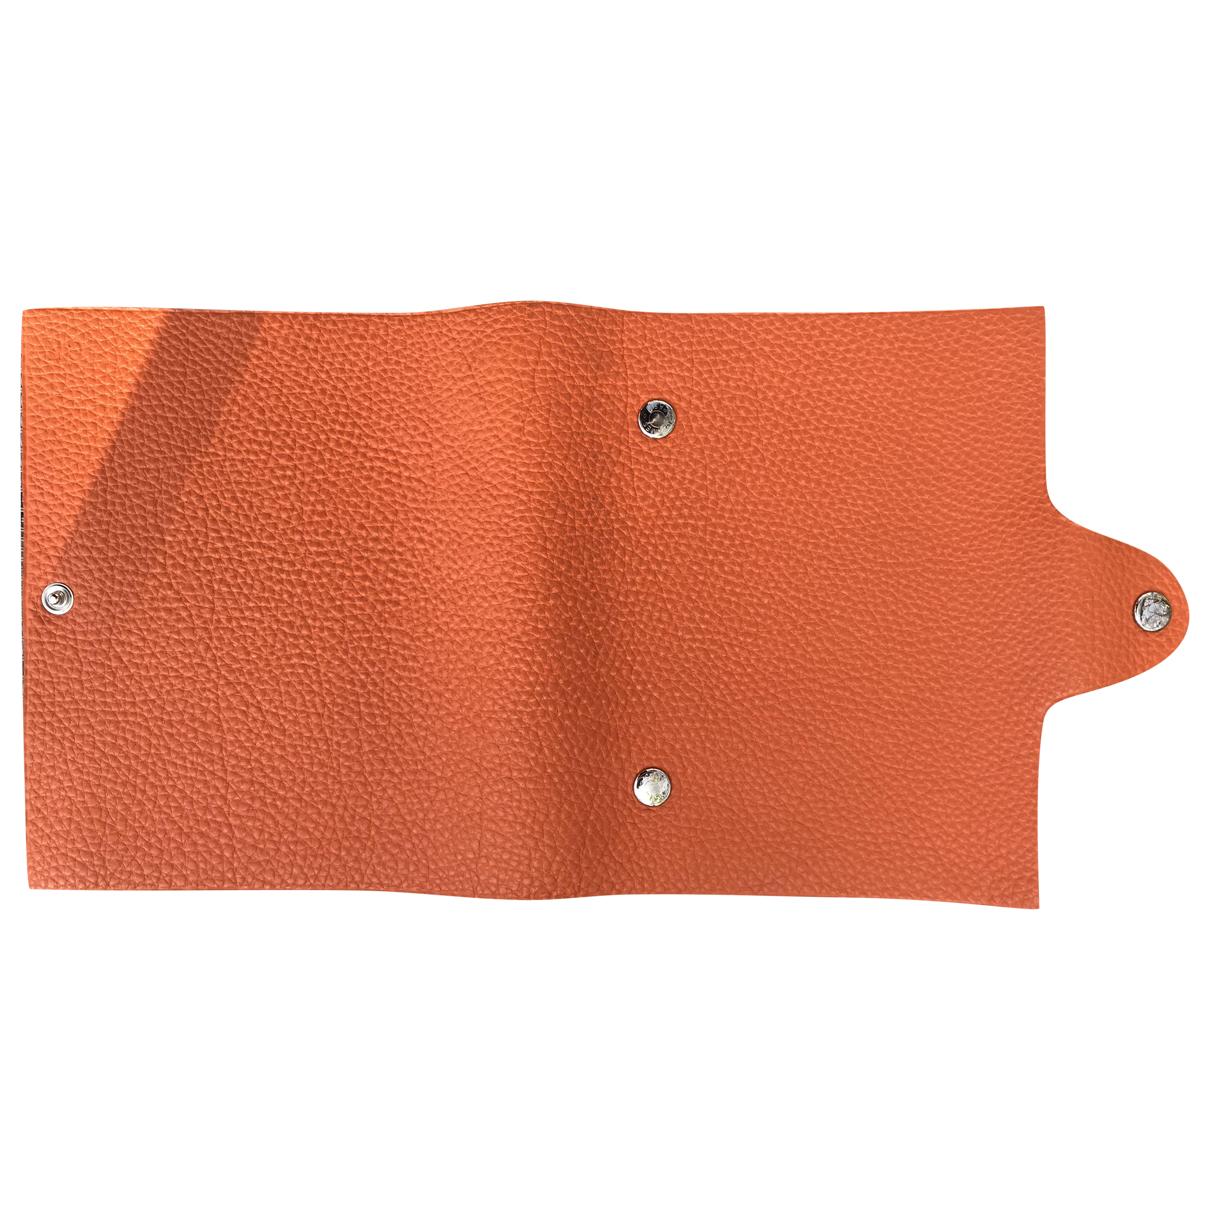 Hermès Ulysse PM Orange Leather Home decor for Life & Living N